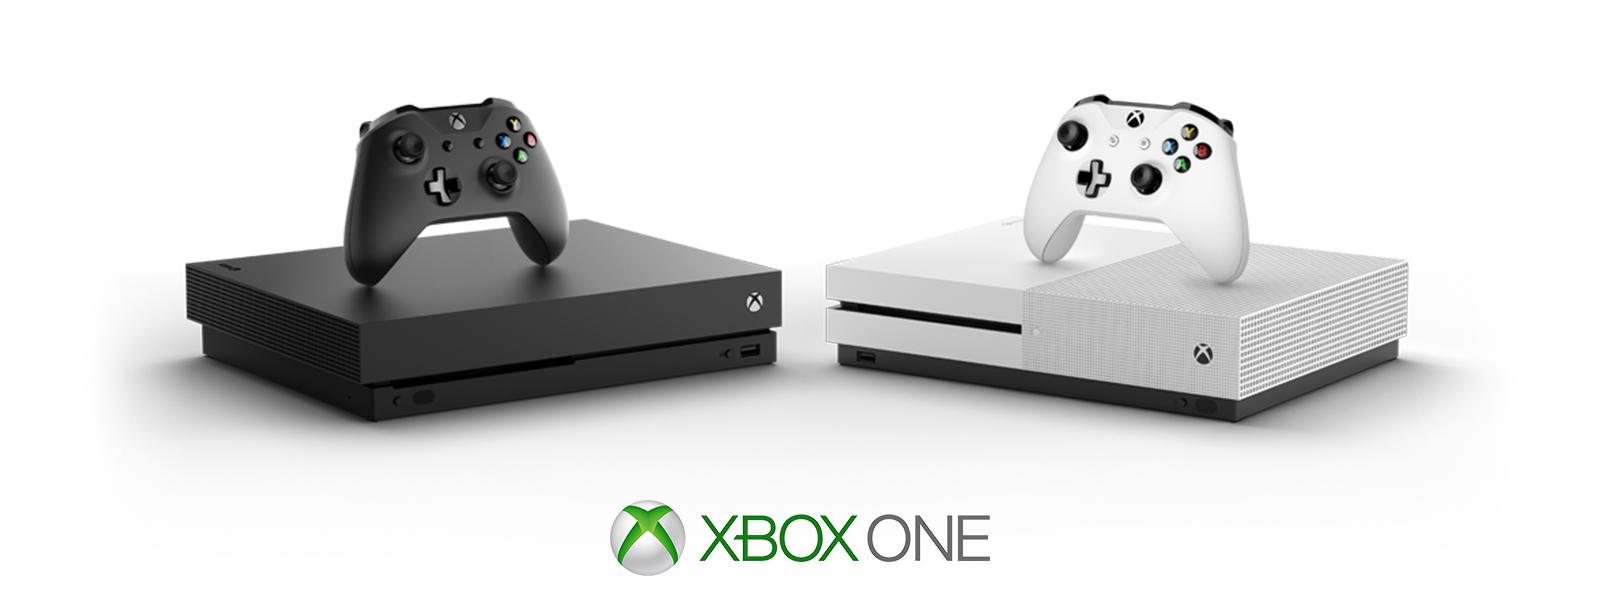 Xbox One X y Xbox One S